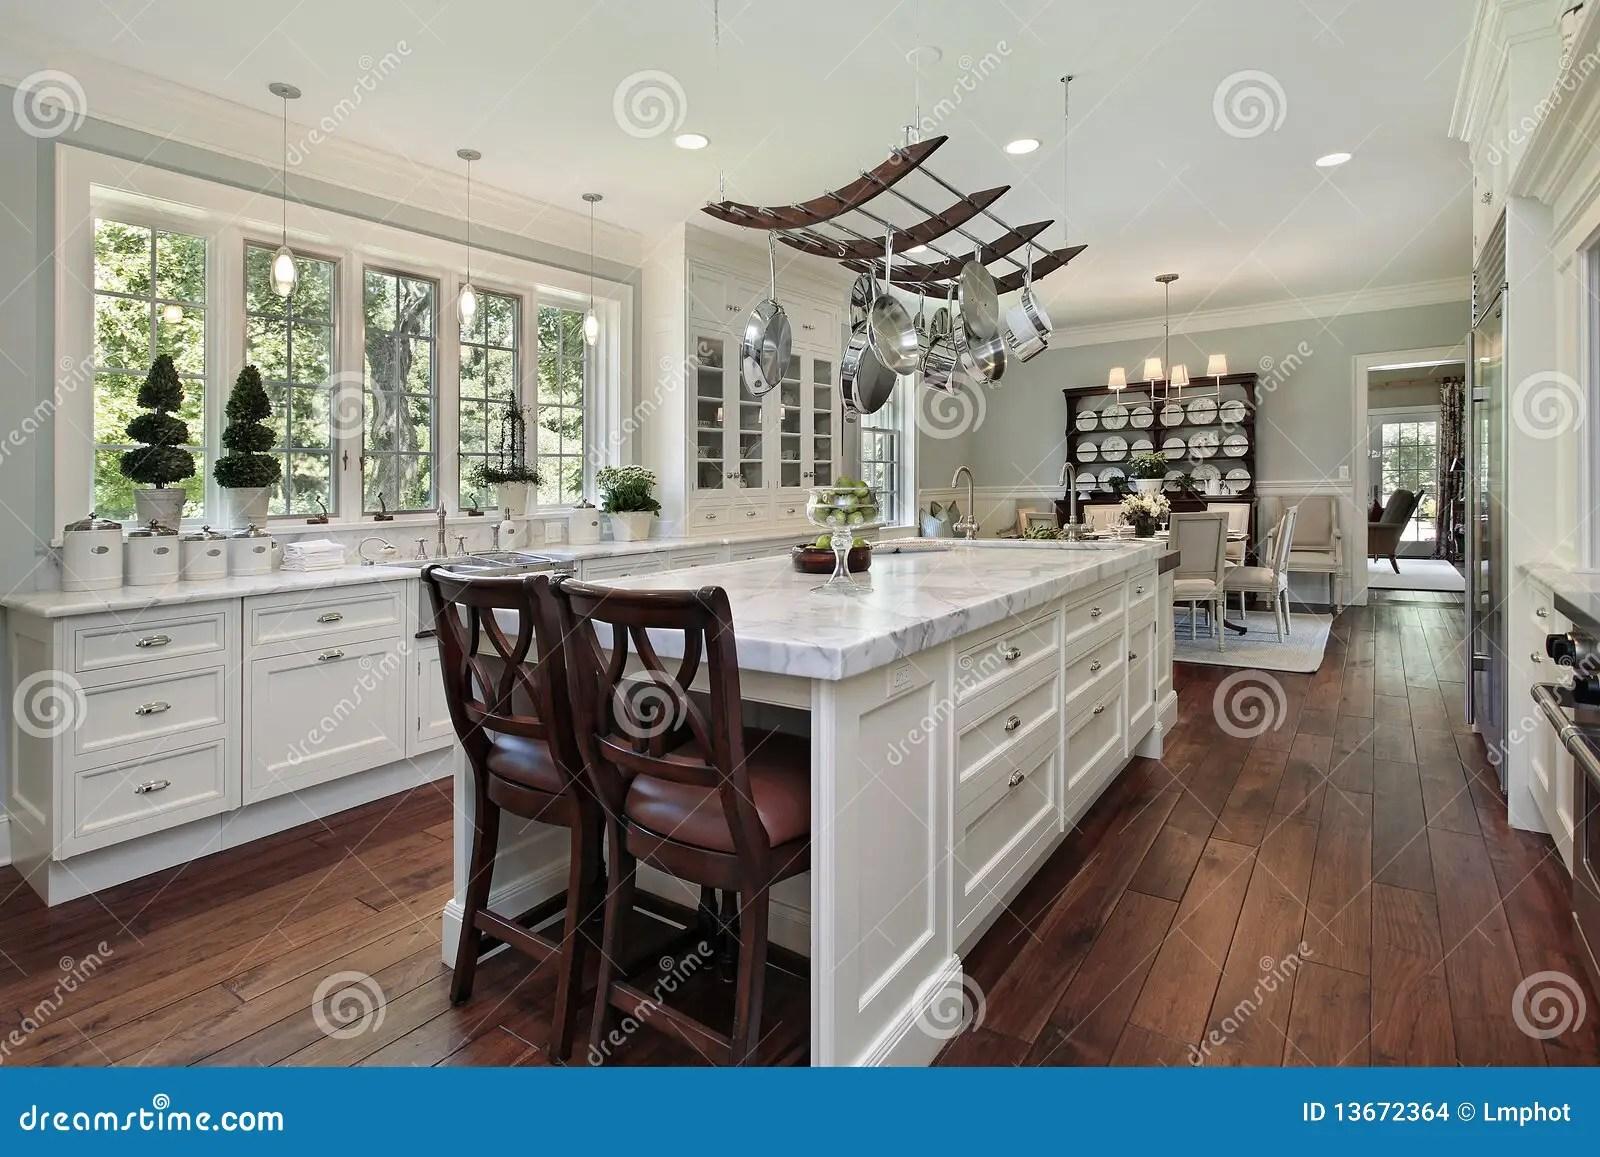 in stock kitchens kitchen cabinet spice rack 花岗岩海岛厨房白色库存照片 图片包括有系列 实际 楼层 板岩 机柜 花岗岩海岛厨房白色